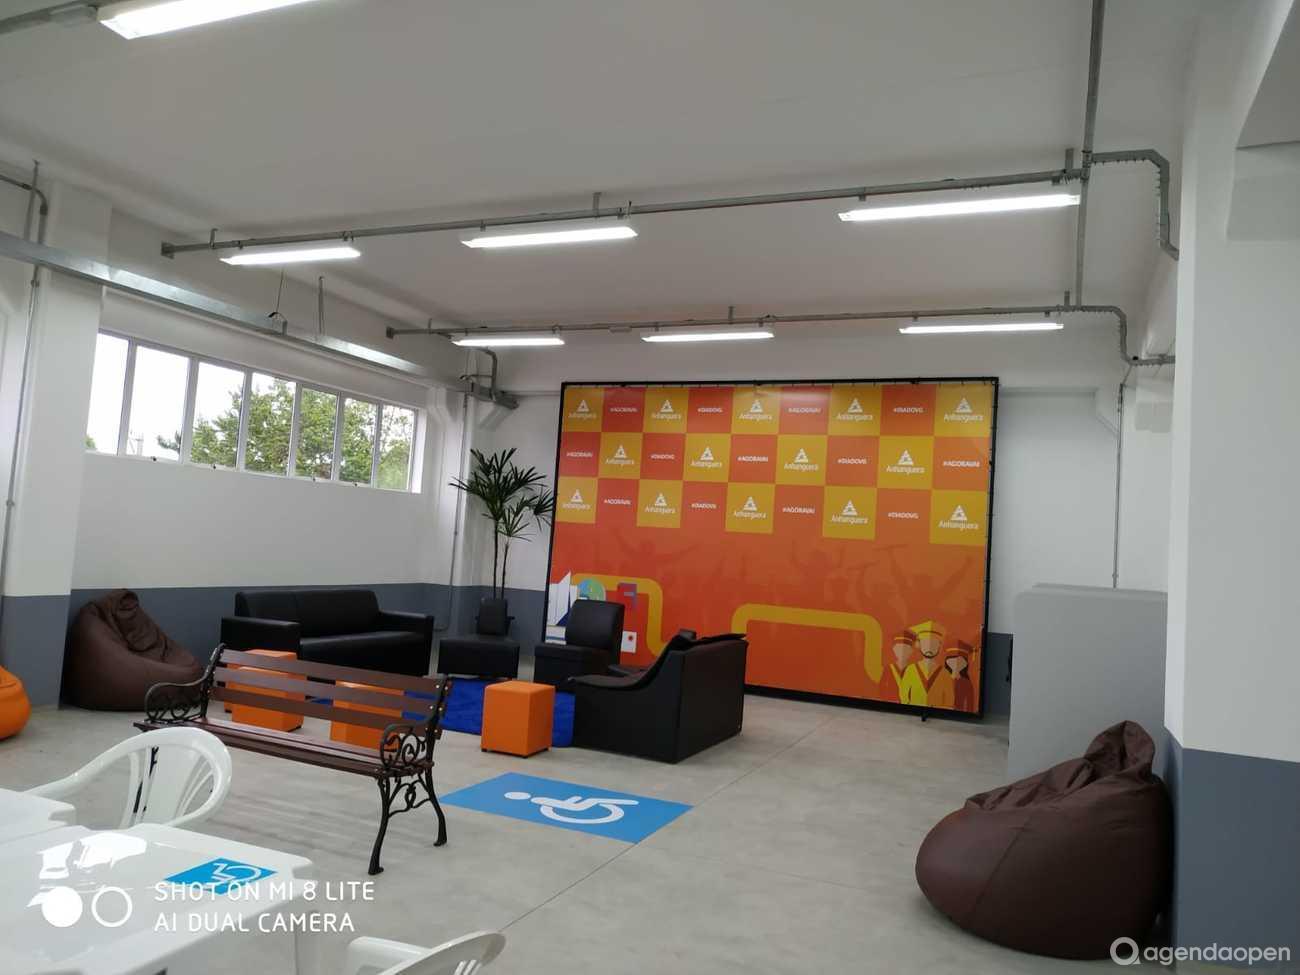 Anhanguera de Itapetininga localizado em CENTRO, Itapetininga tem 5 salas e espaços para Reunião e Evento. Alugue sala para reunião, palestra, workshop, apresentação, e muito mais!